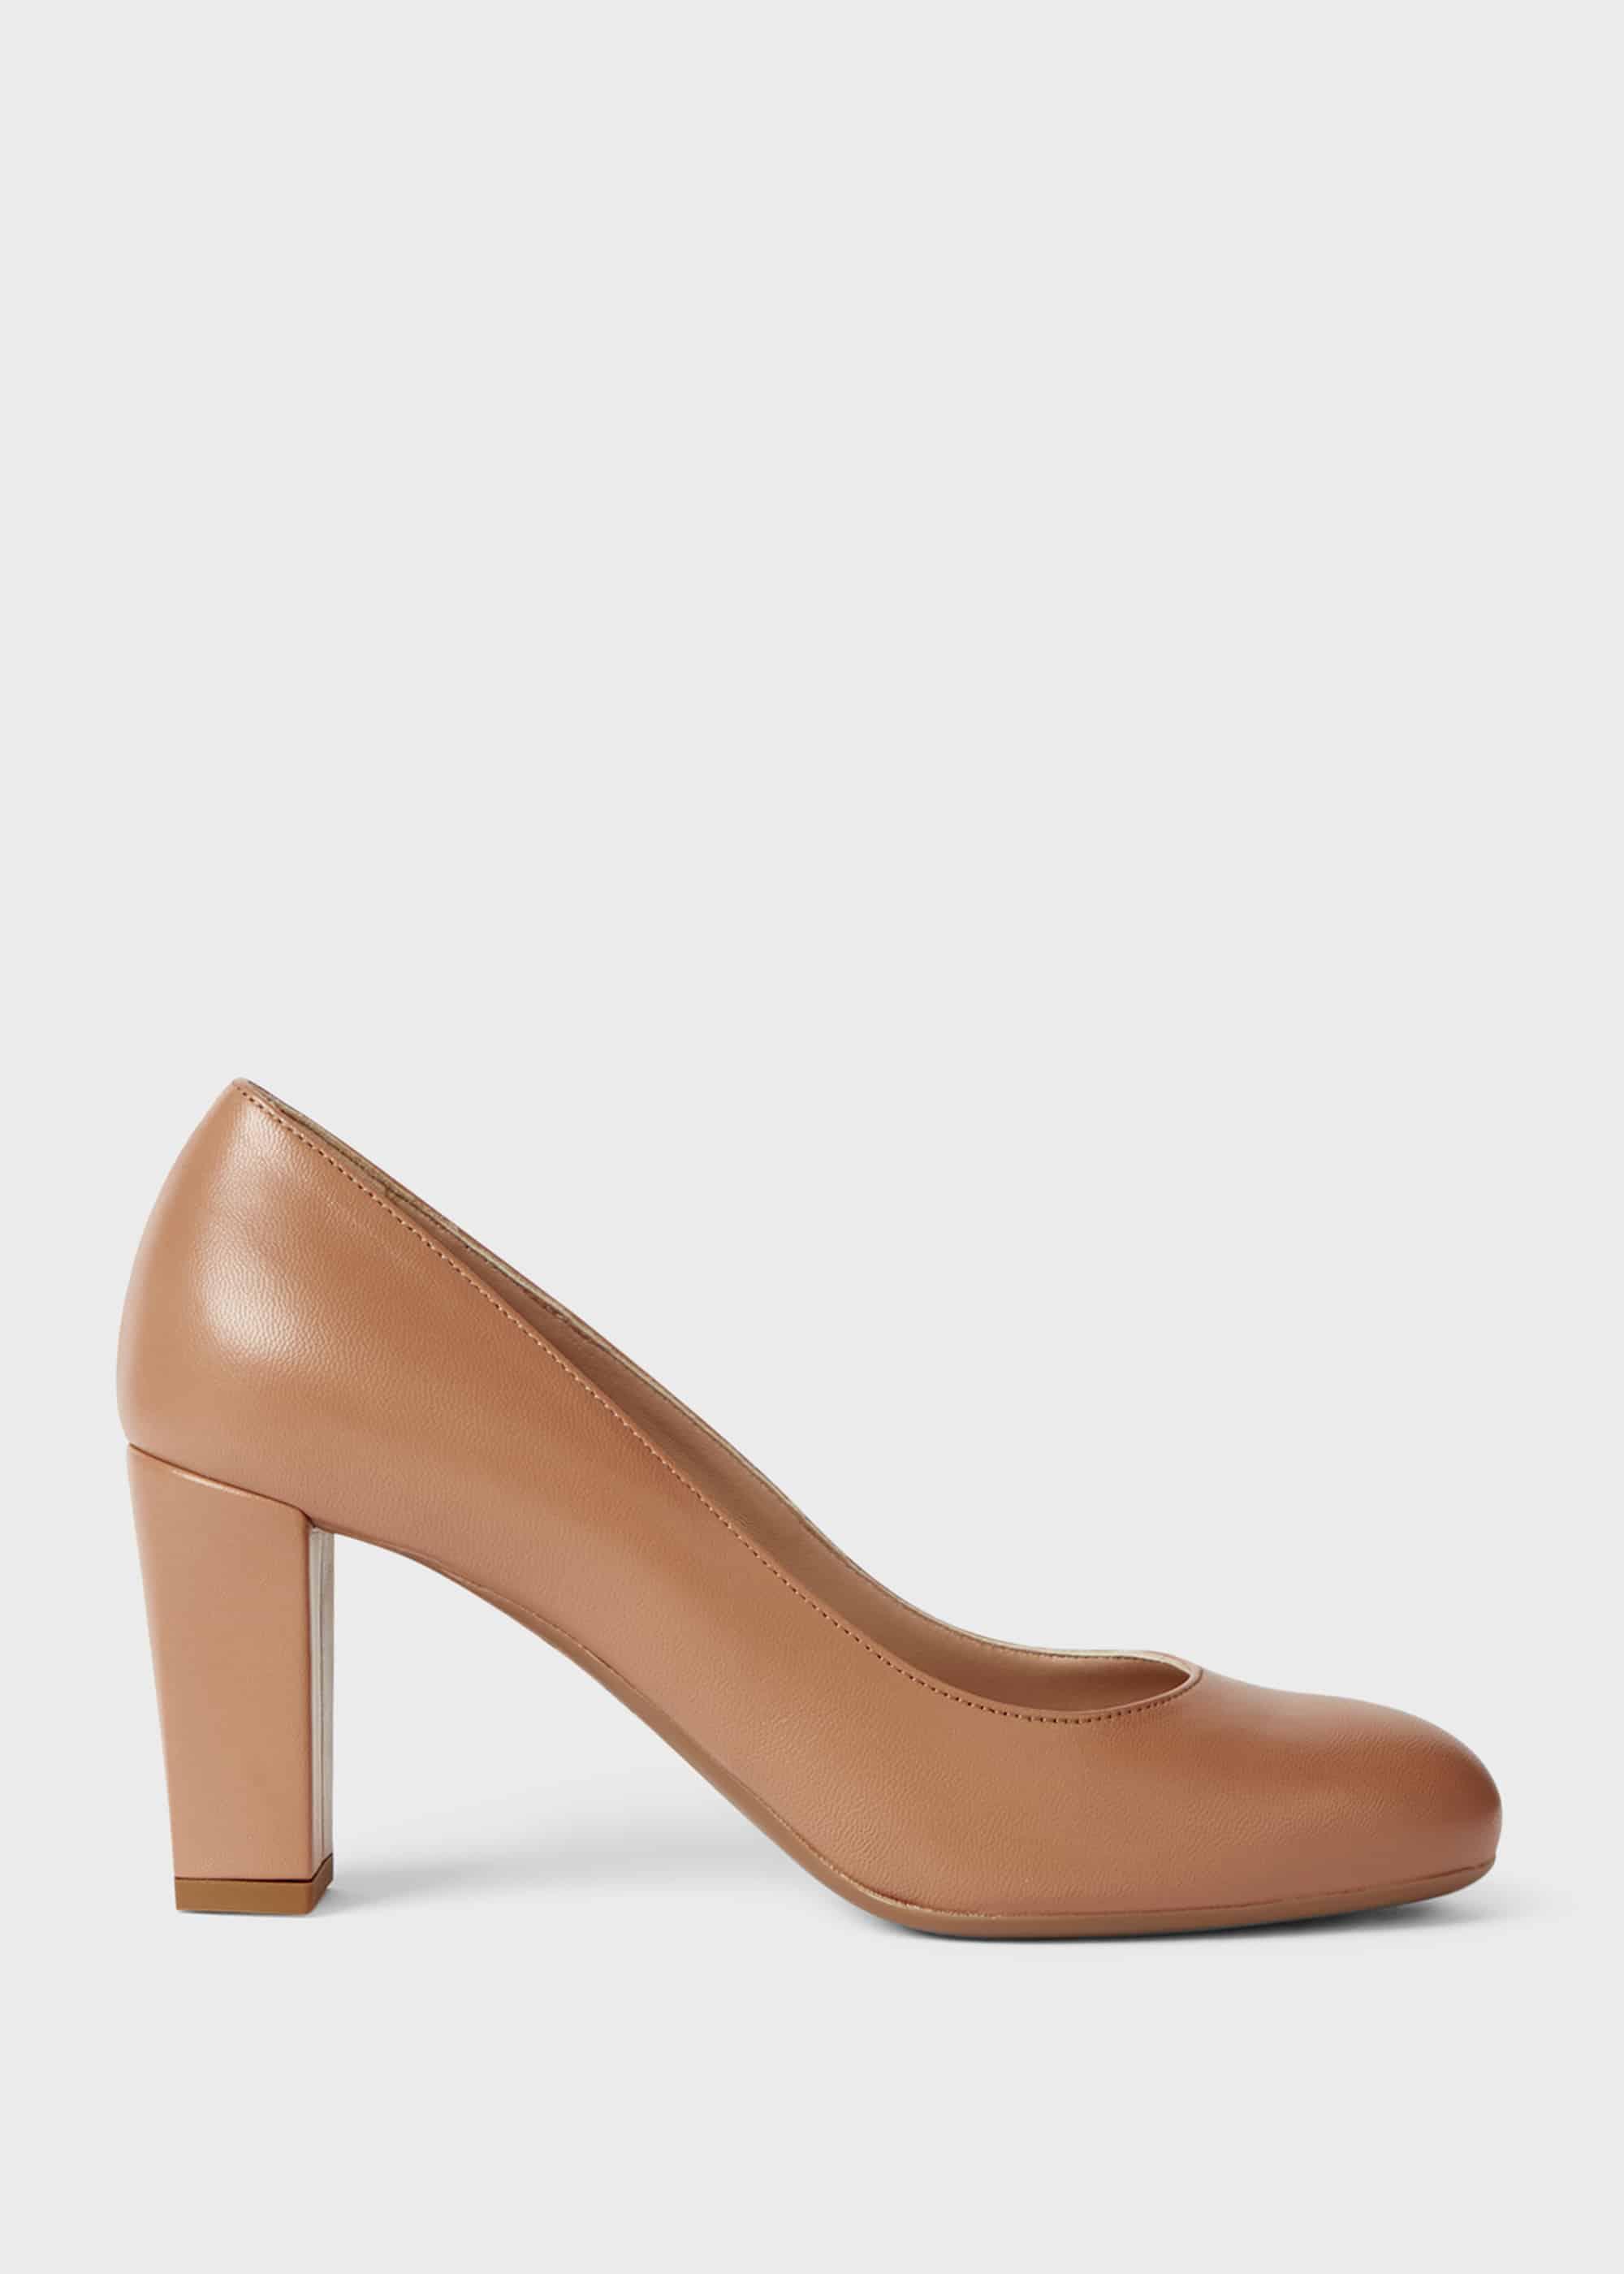 Hobbs Women Sonia Leather Block Heel Court Shoes